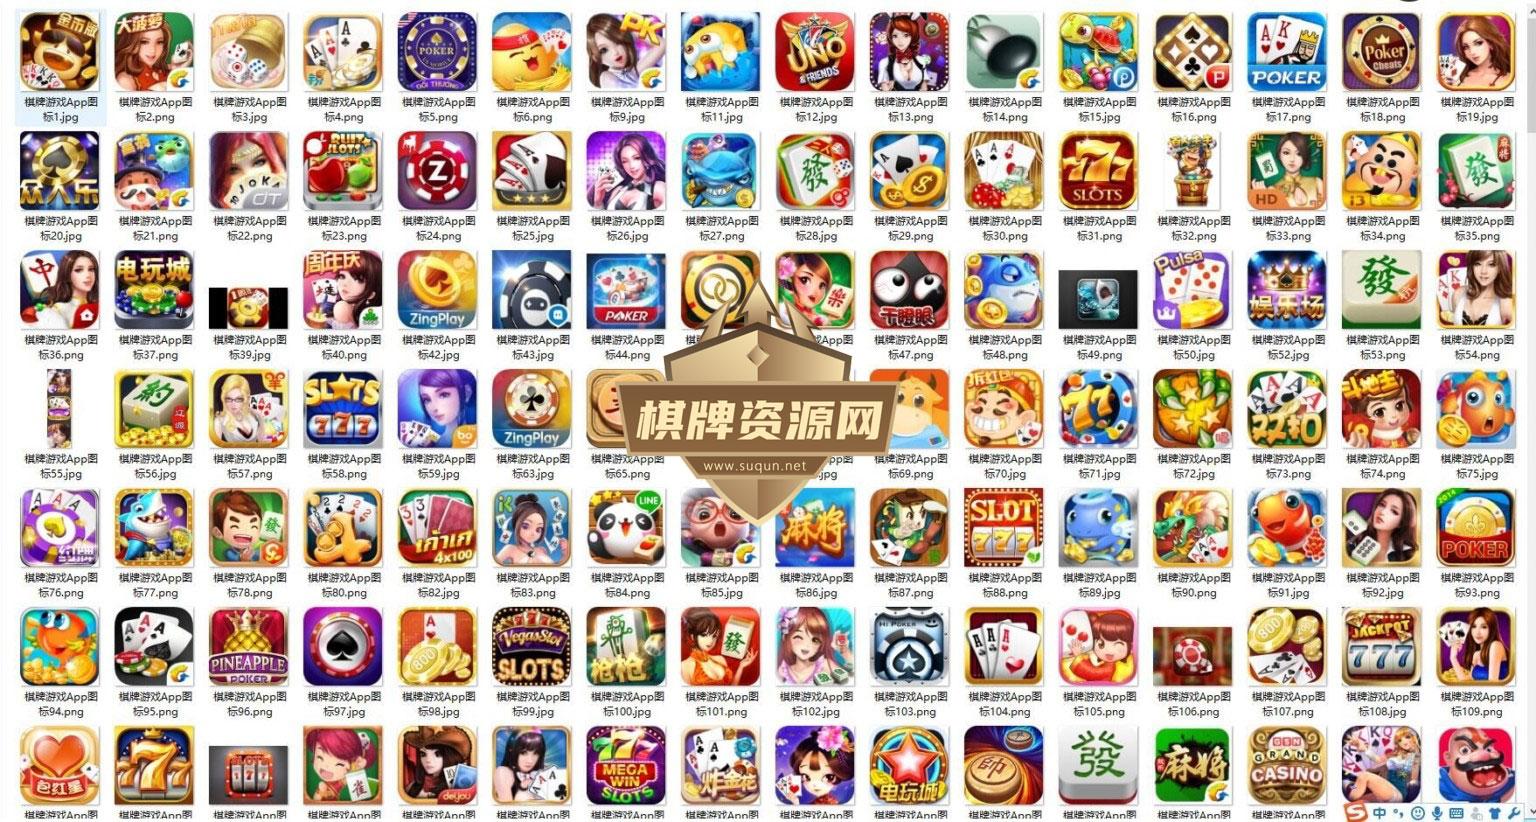 棋牌ico/棋牌高清背景/棋牌宣传海报-第1张